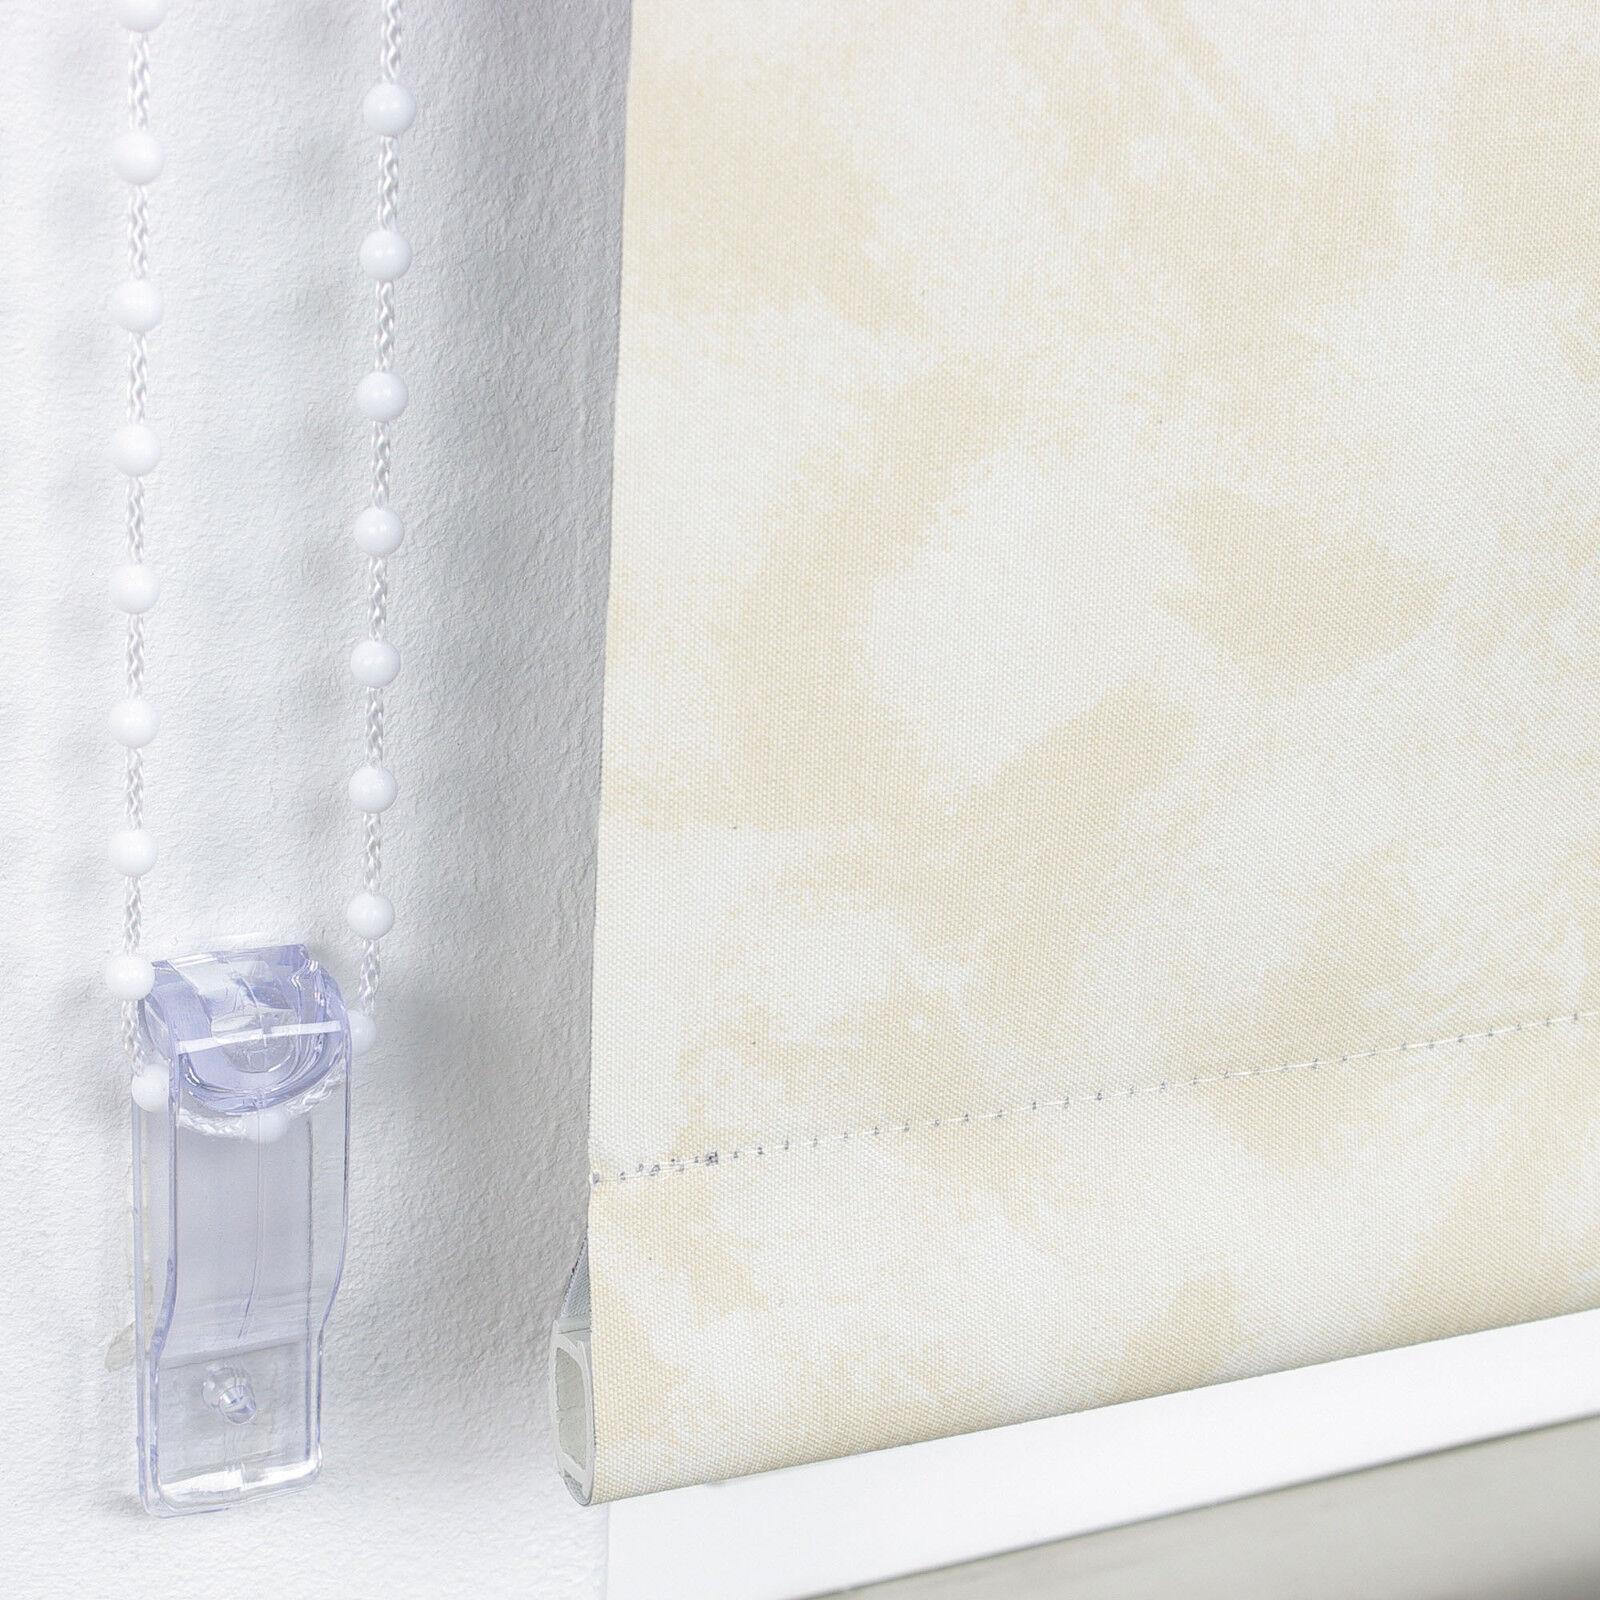 Verdunkelungsrollo Verdunklung Fenster Tür Rollo Motiv Wolken Breite 60-200 60-200 60-200 cm   Ausgezeichnetes Handwerk    Ausreichende Versorgung    Produktqualität  3e5ba9